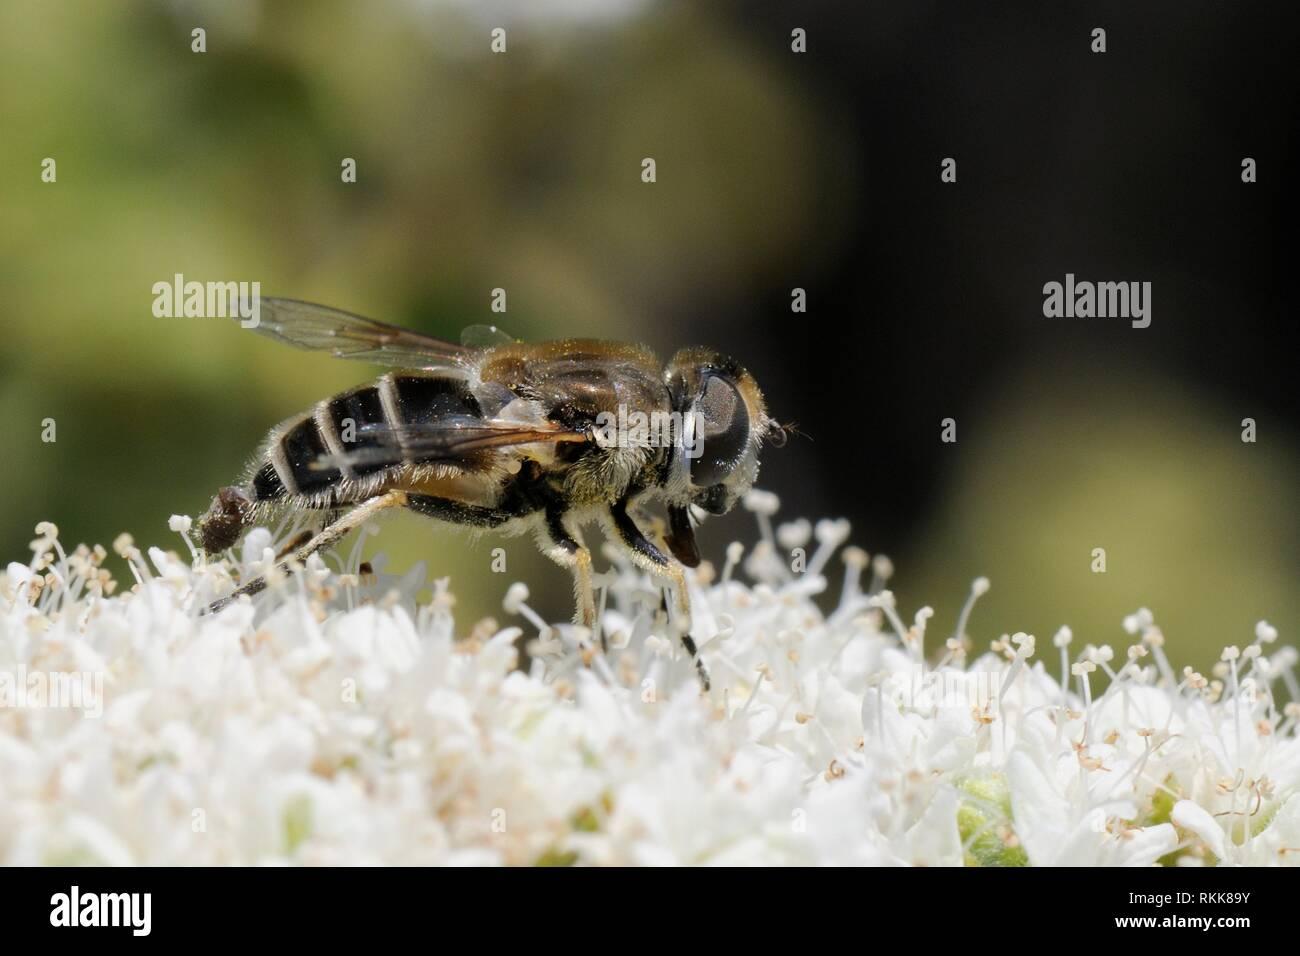 Hover-fly (Eristalis arbustorum) alimentando desde Creta flores de orégano (Origanum onites), Lesbos / Lesvos, en Grecia, en mayo. Foto de stock